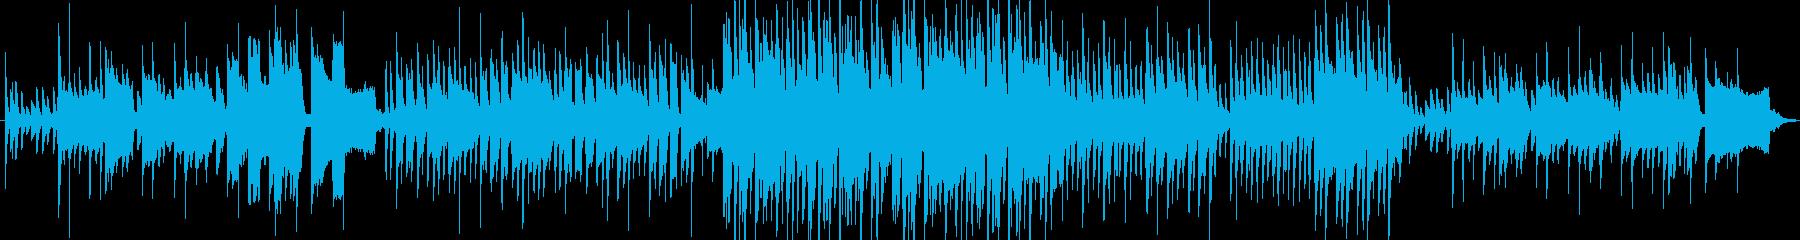 アコースティック系ですの再生済みの波形